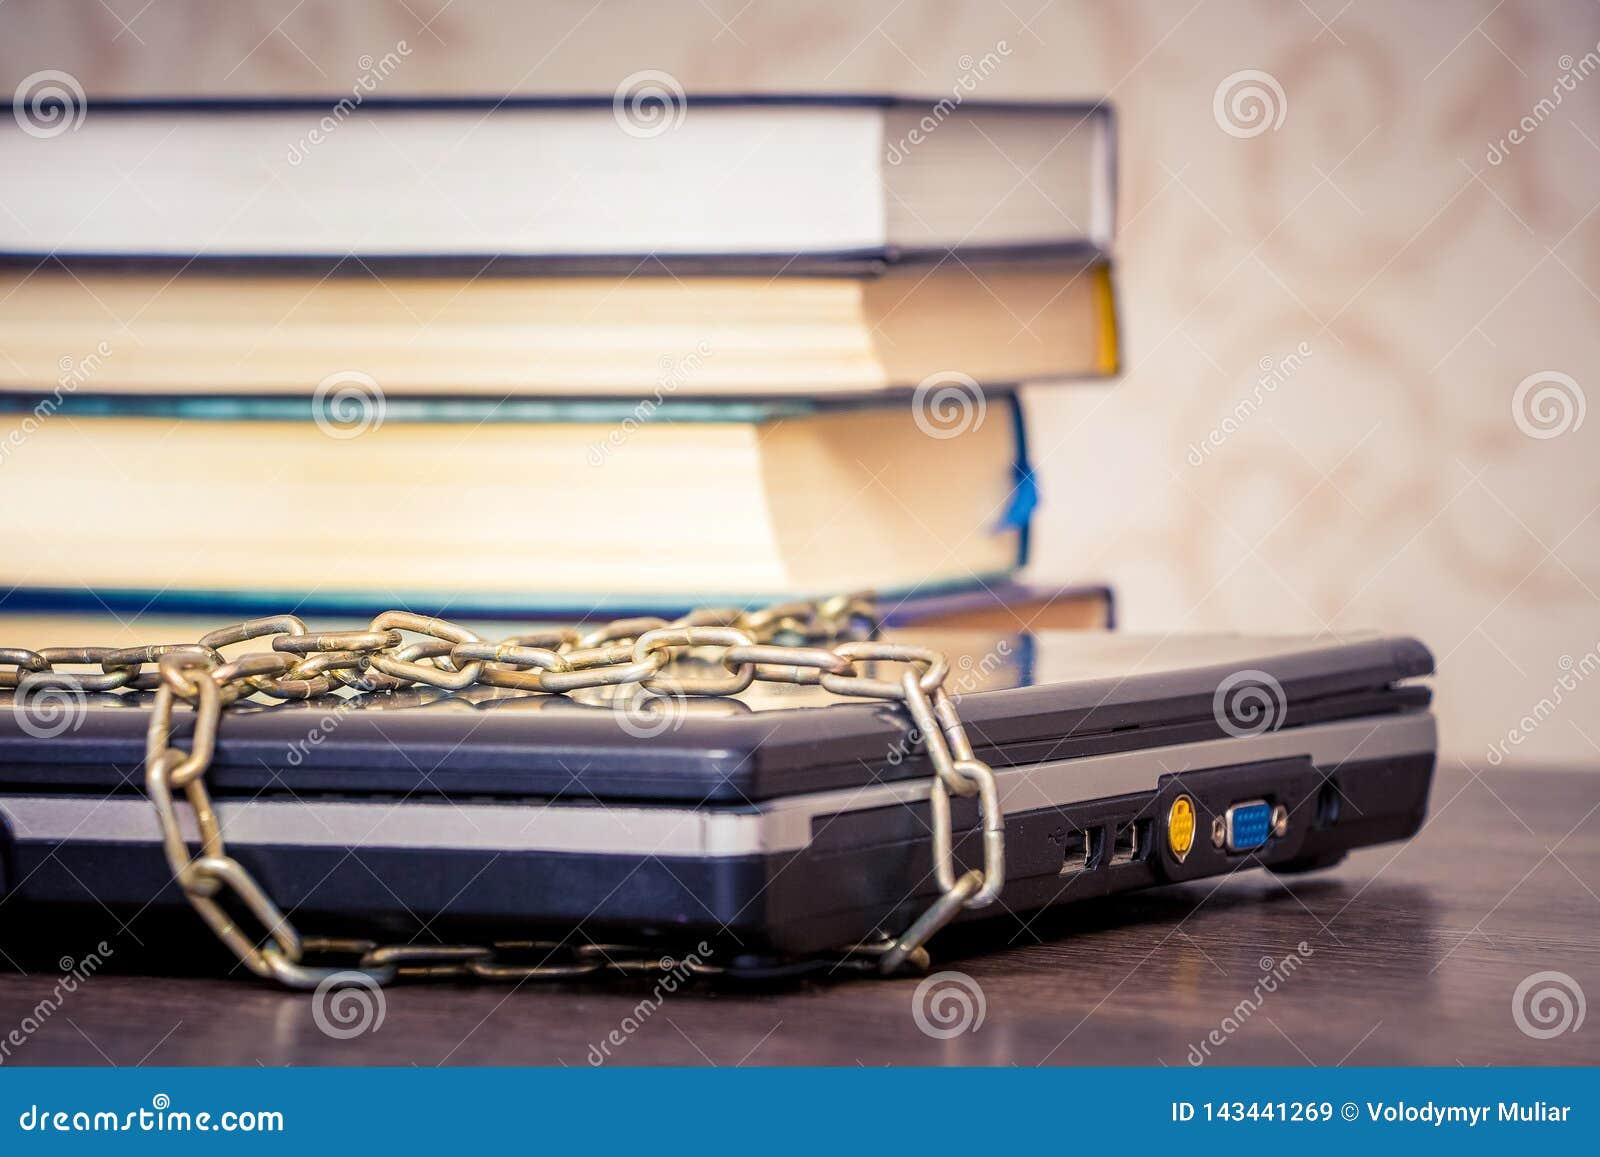 De boeken liggen op laptop die door een ketting wordt verbonden Boeken in plaats van computers Liefde aan read_